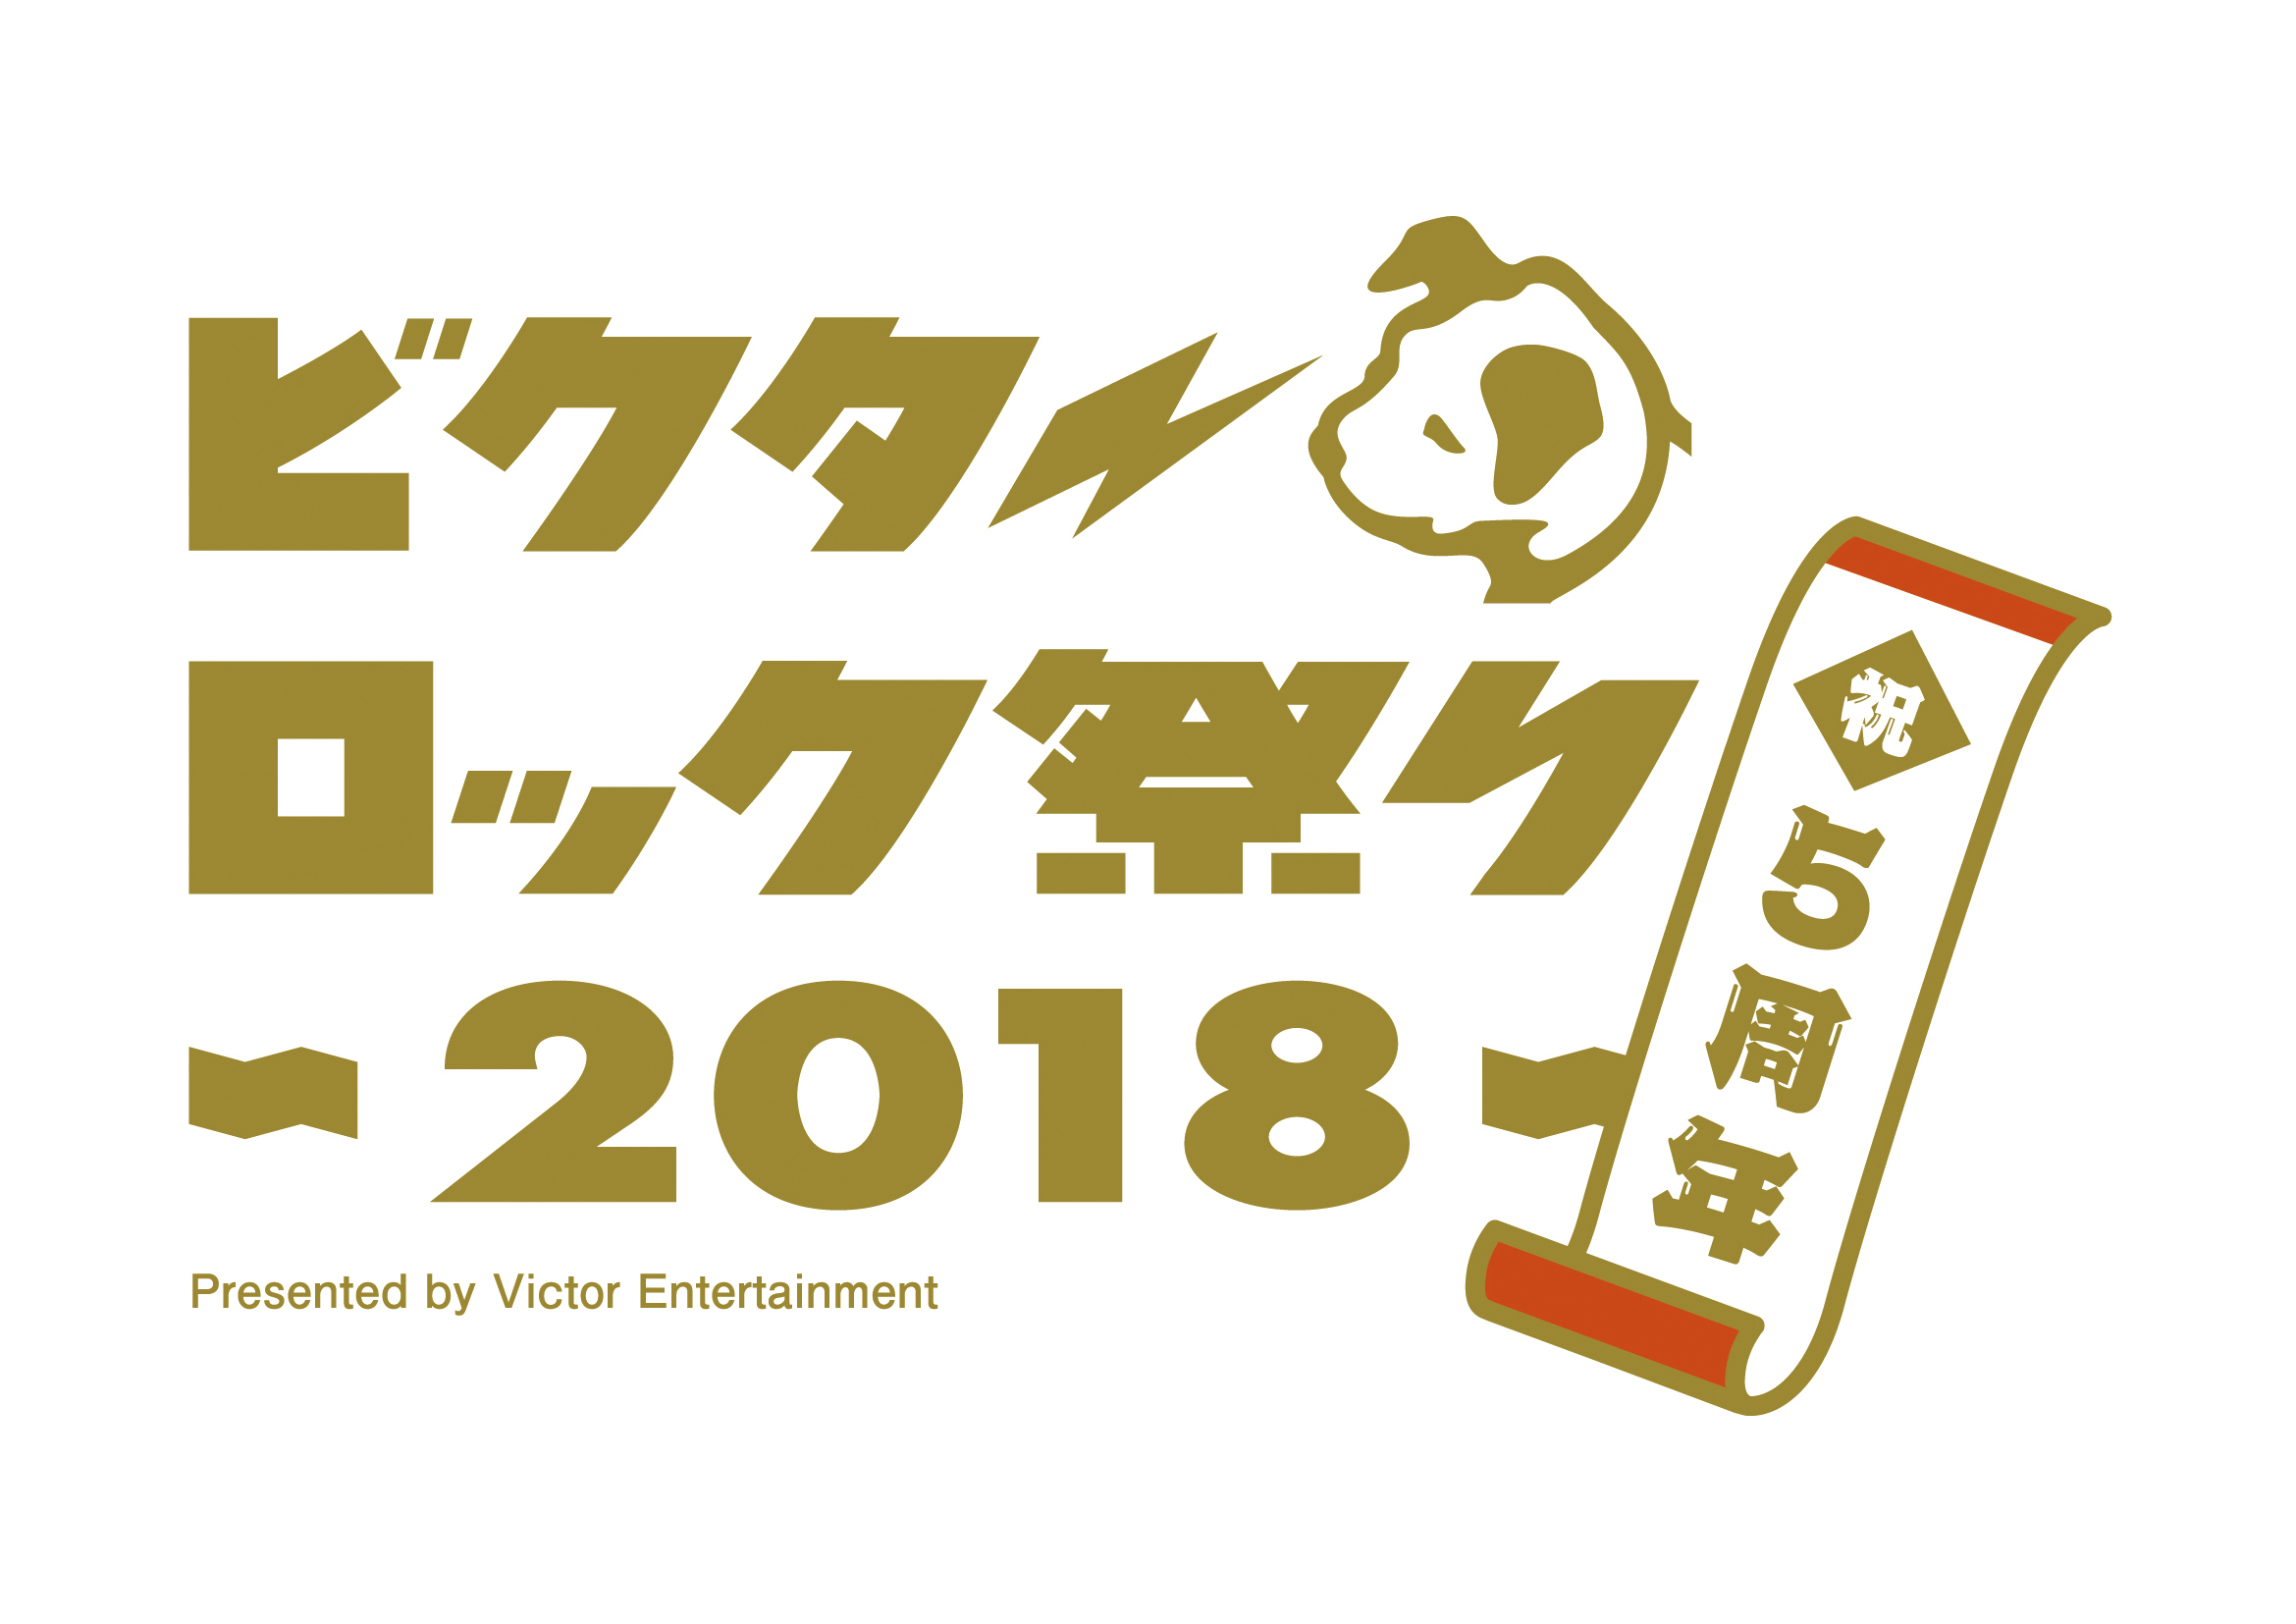 「ビクターロック祭り2018」ロゴ